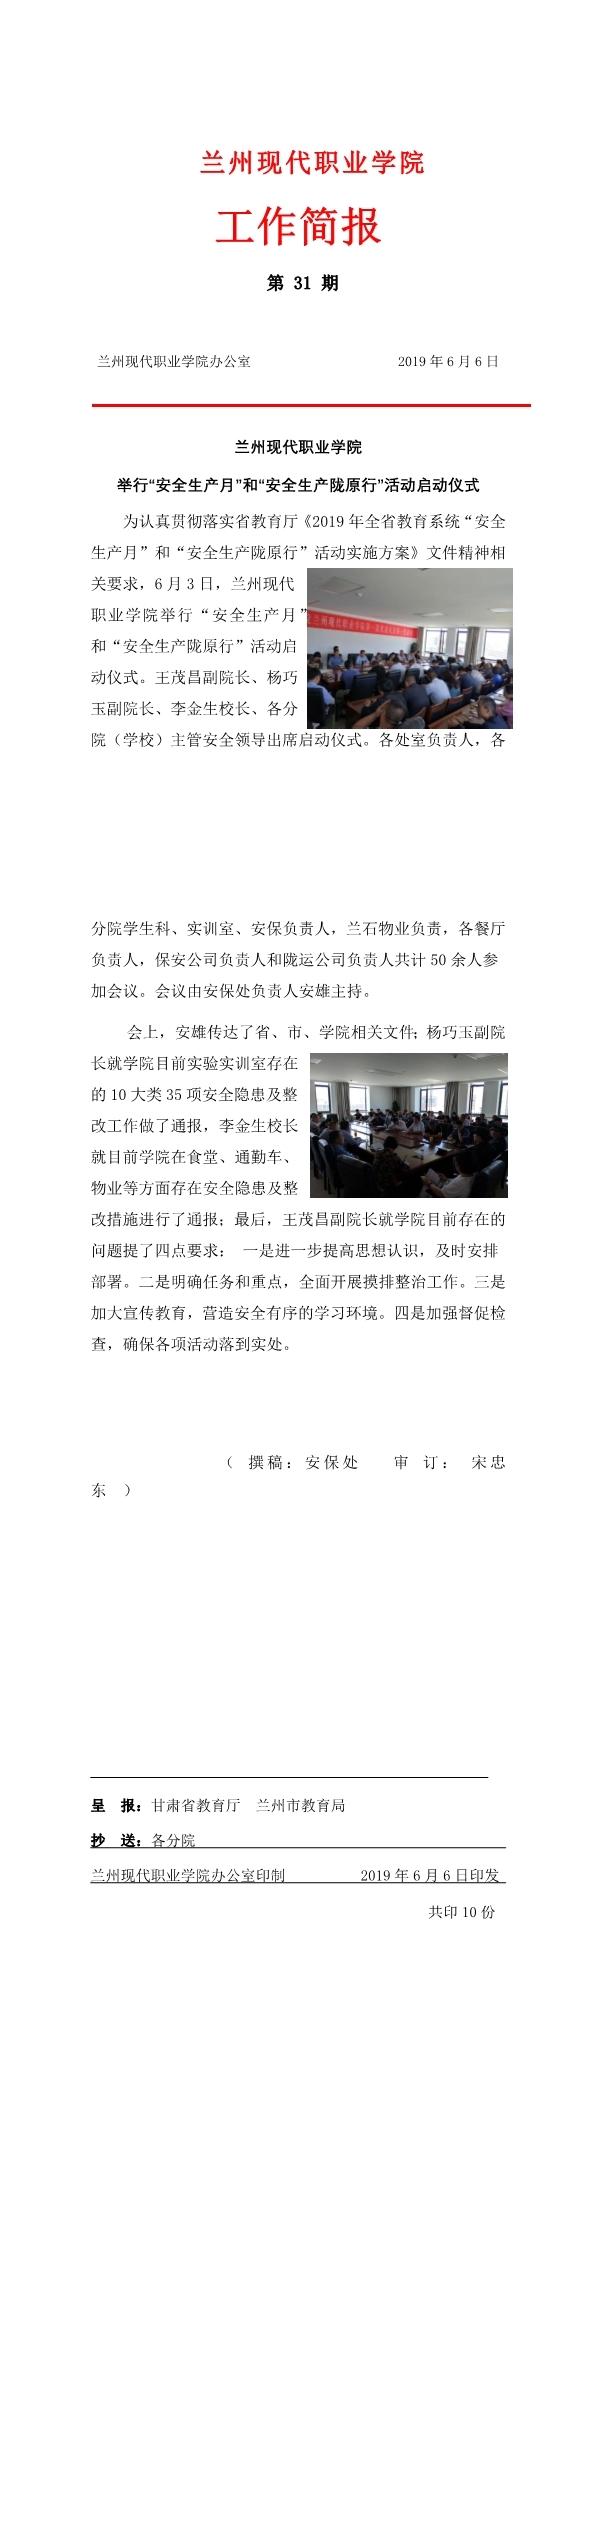 2019年第31期简报安全生产月启动(1-3).jpg